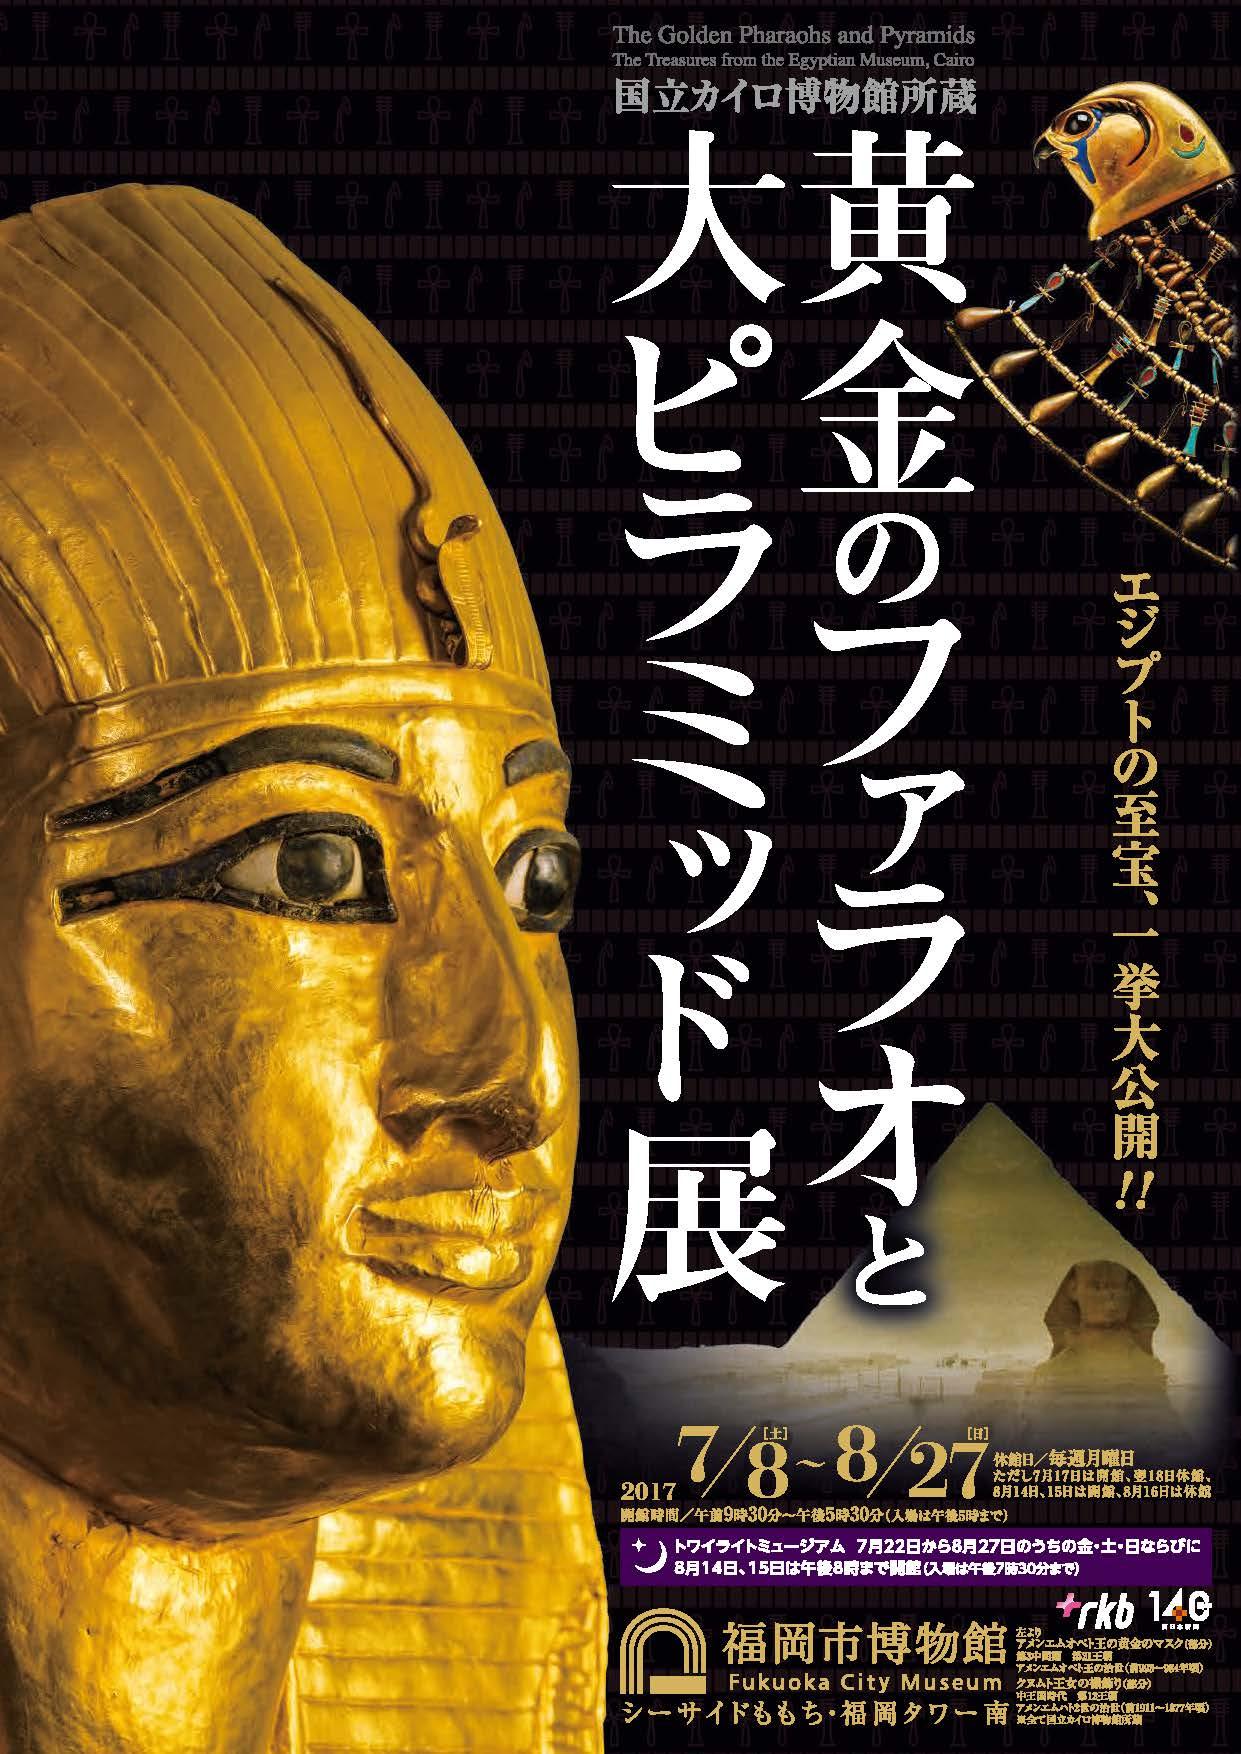 黄金のファラオと大ピラミッド展福岡会場